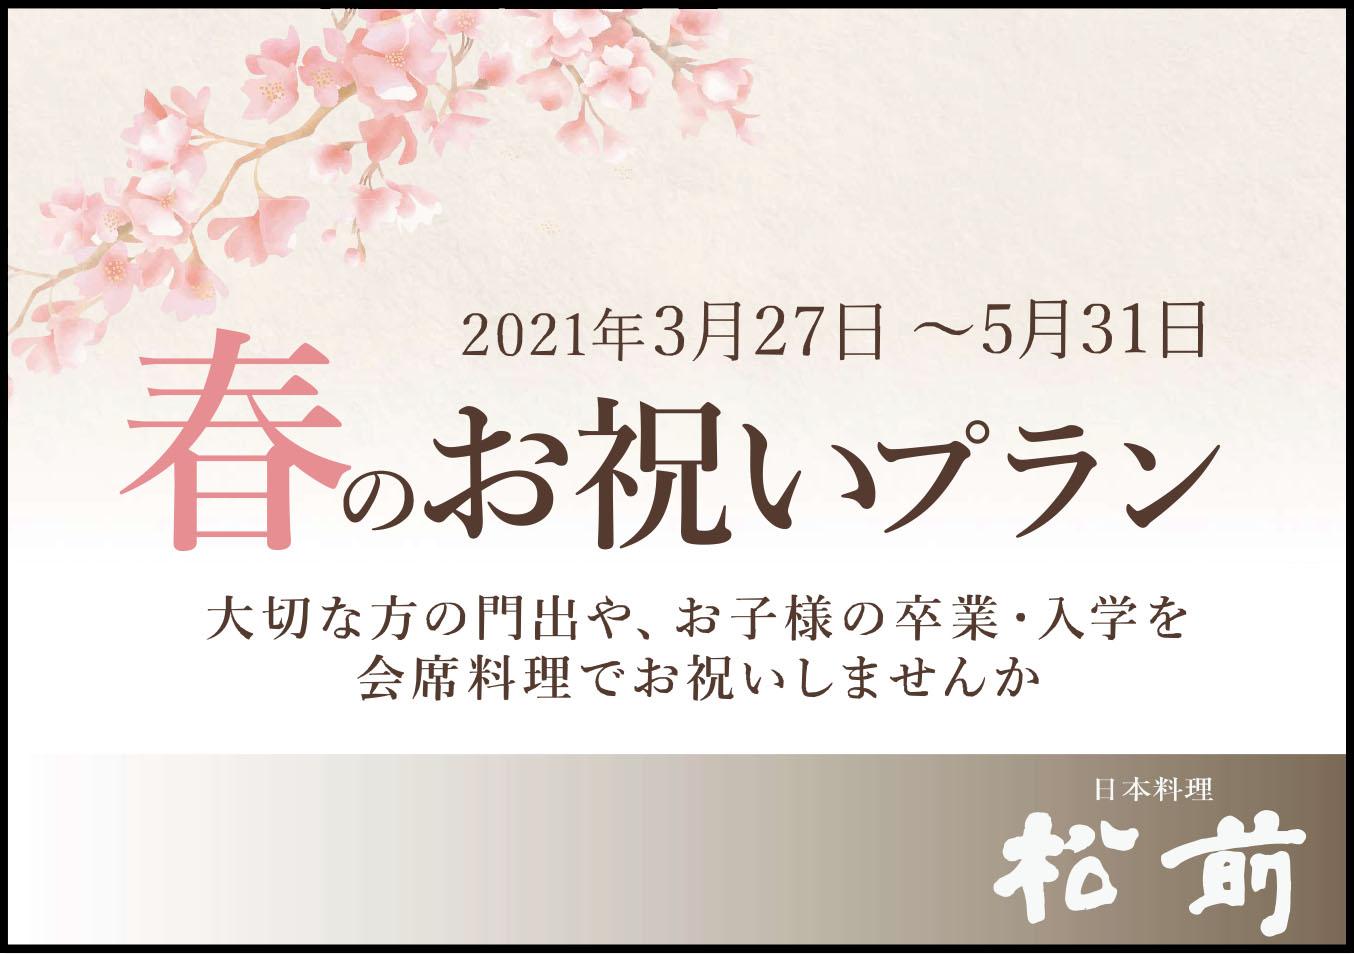 日本料理 松前 春のお祝いプランのご案内